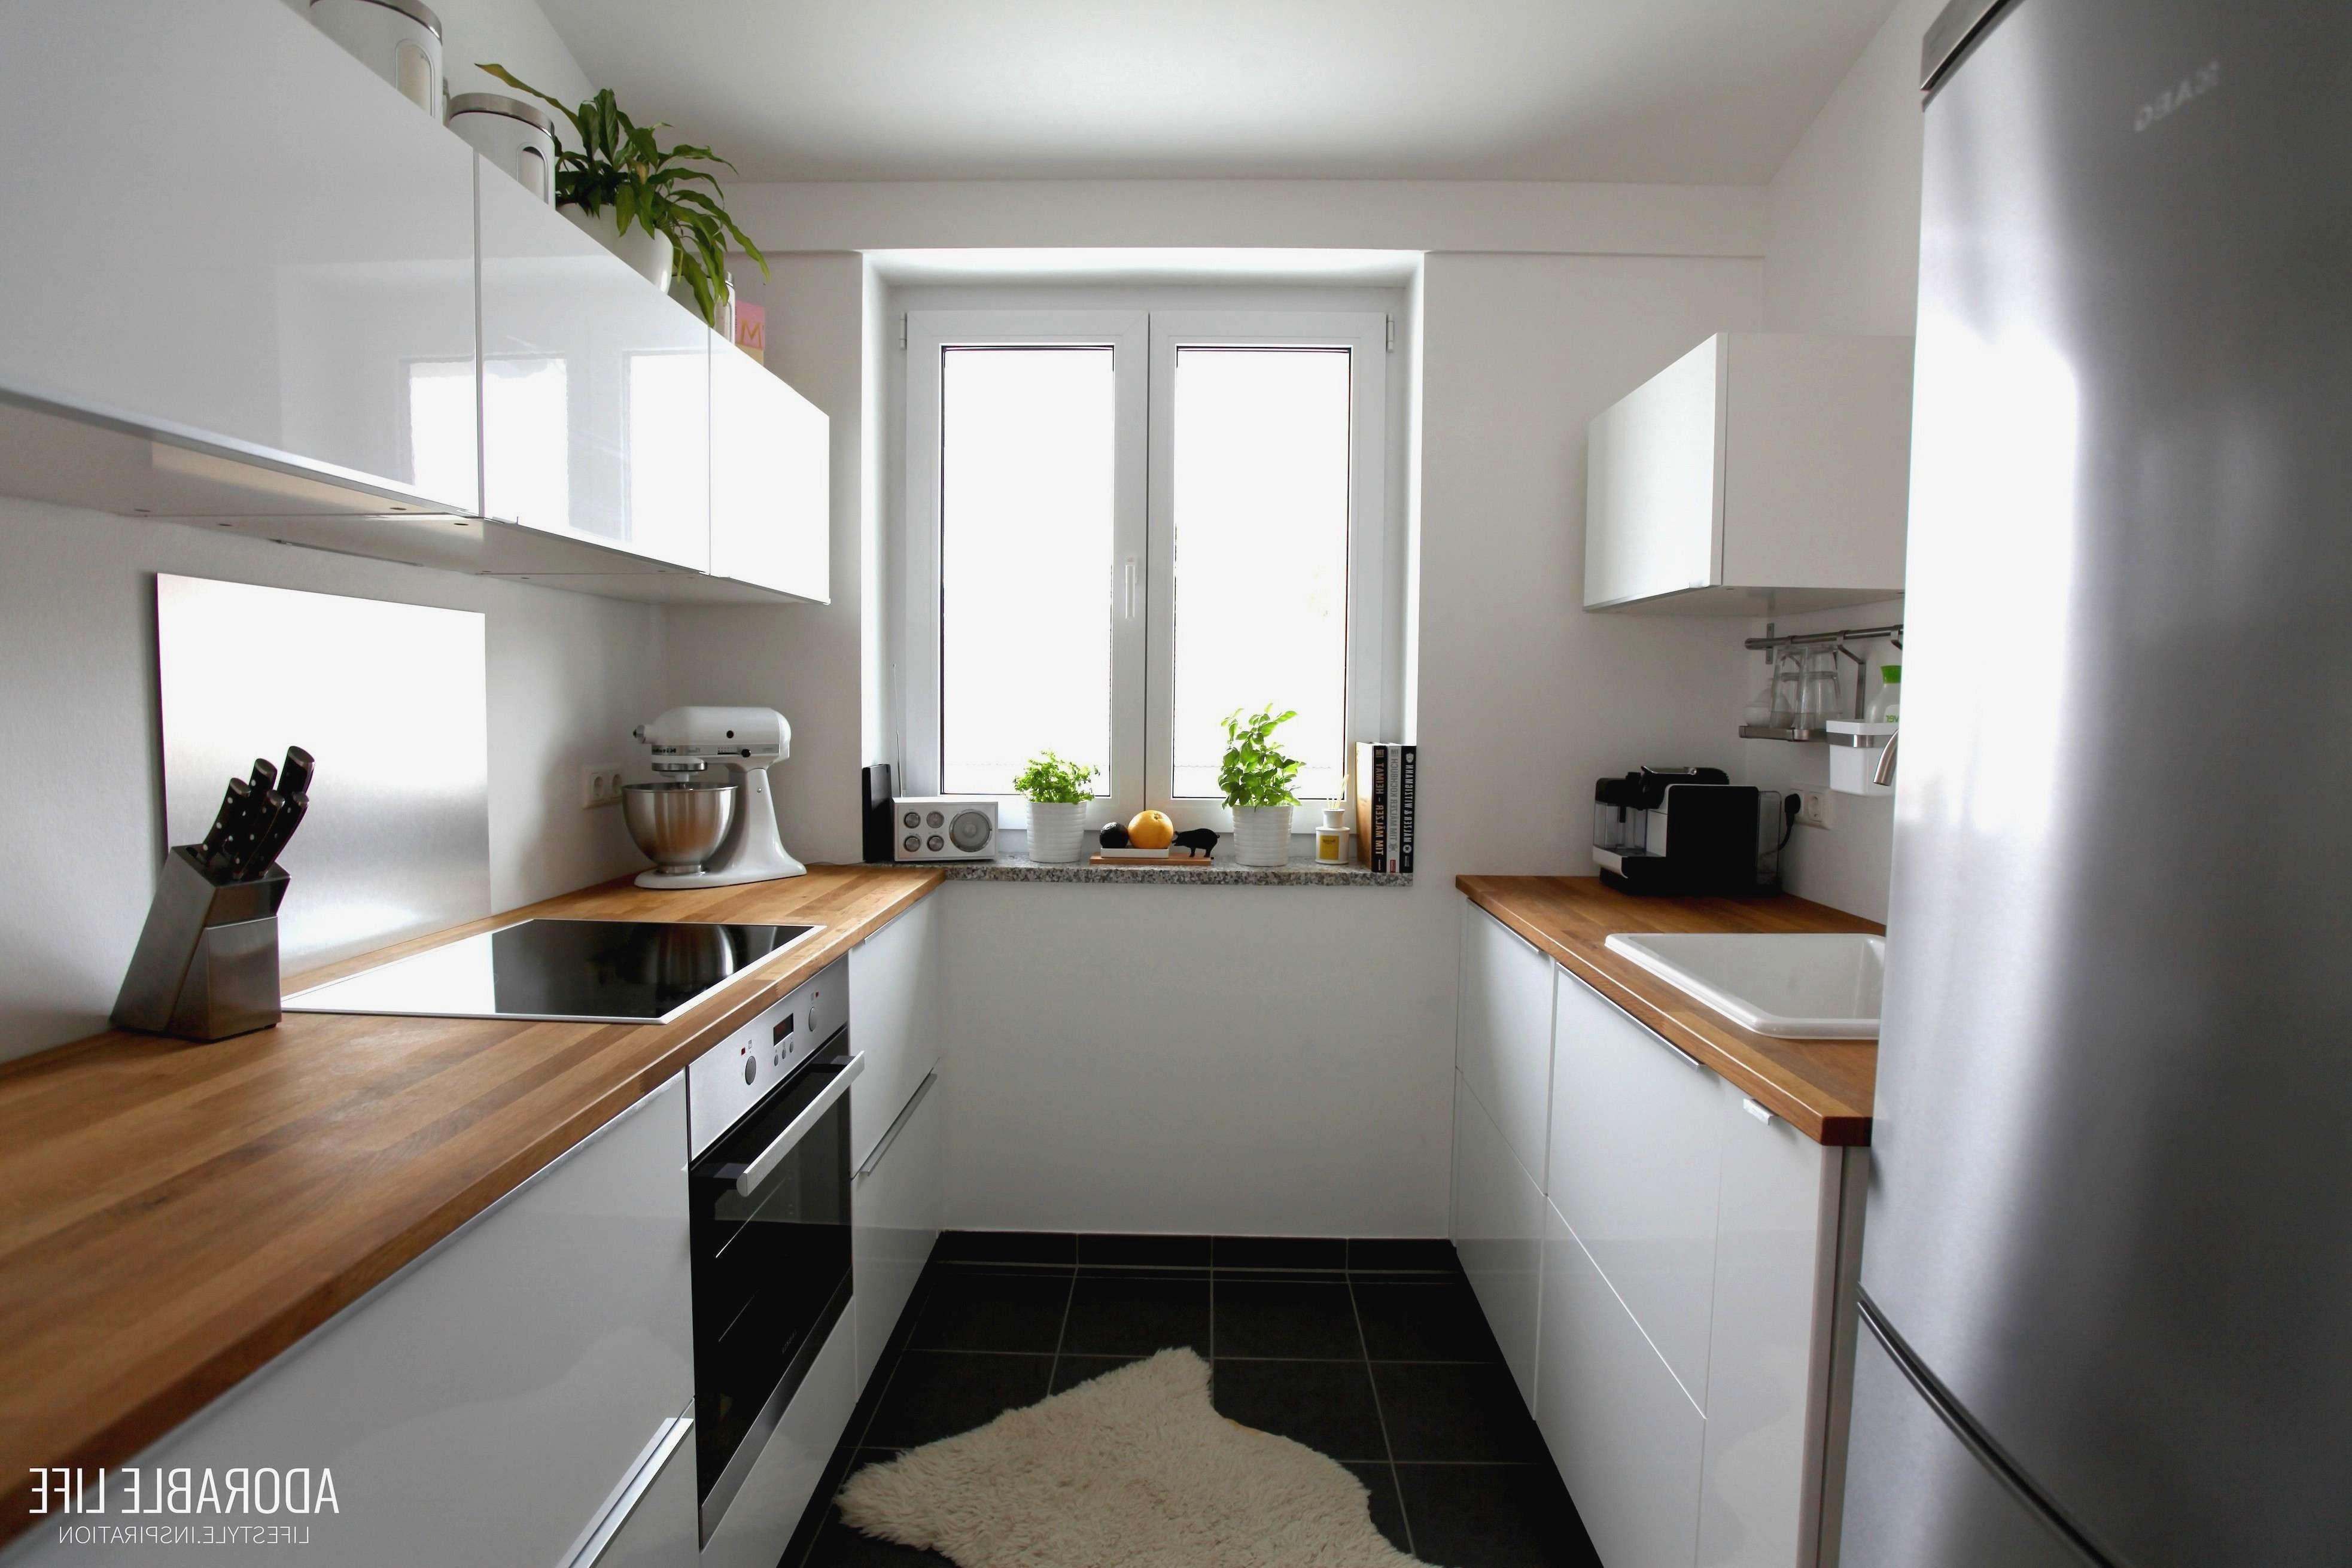 Ikea Küche Montieren Lassen Kosten Neu 8 Schön Ikea Küchenmontage